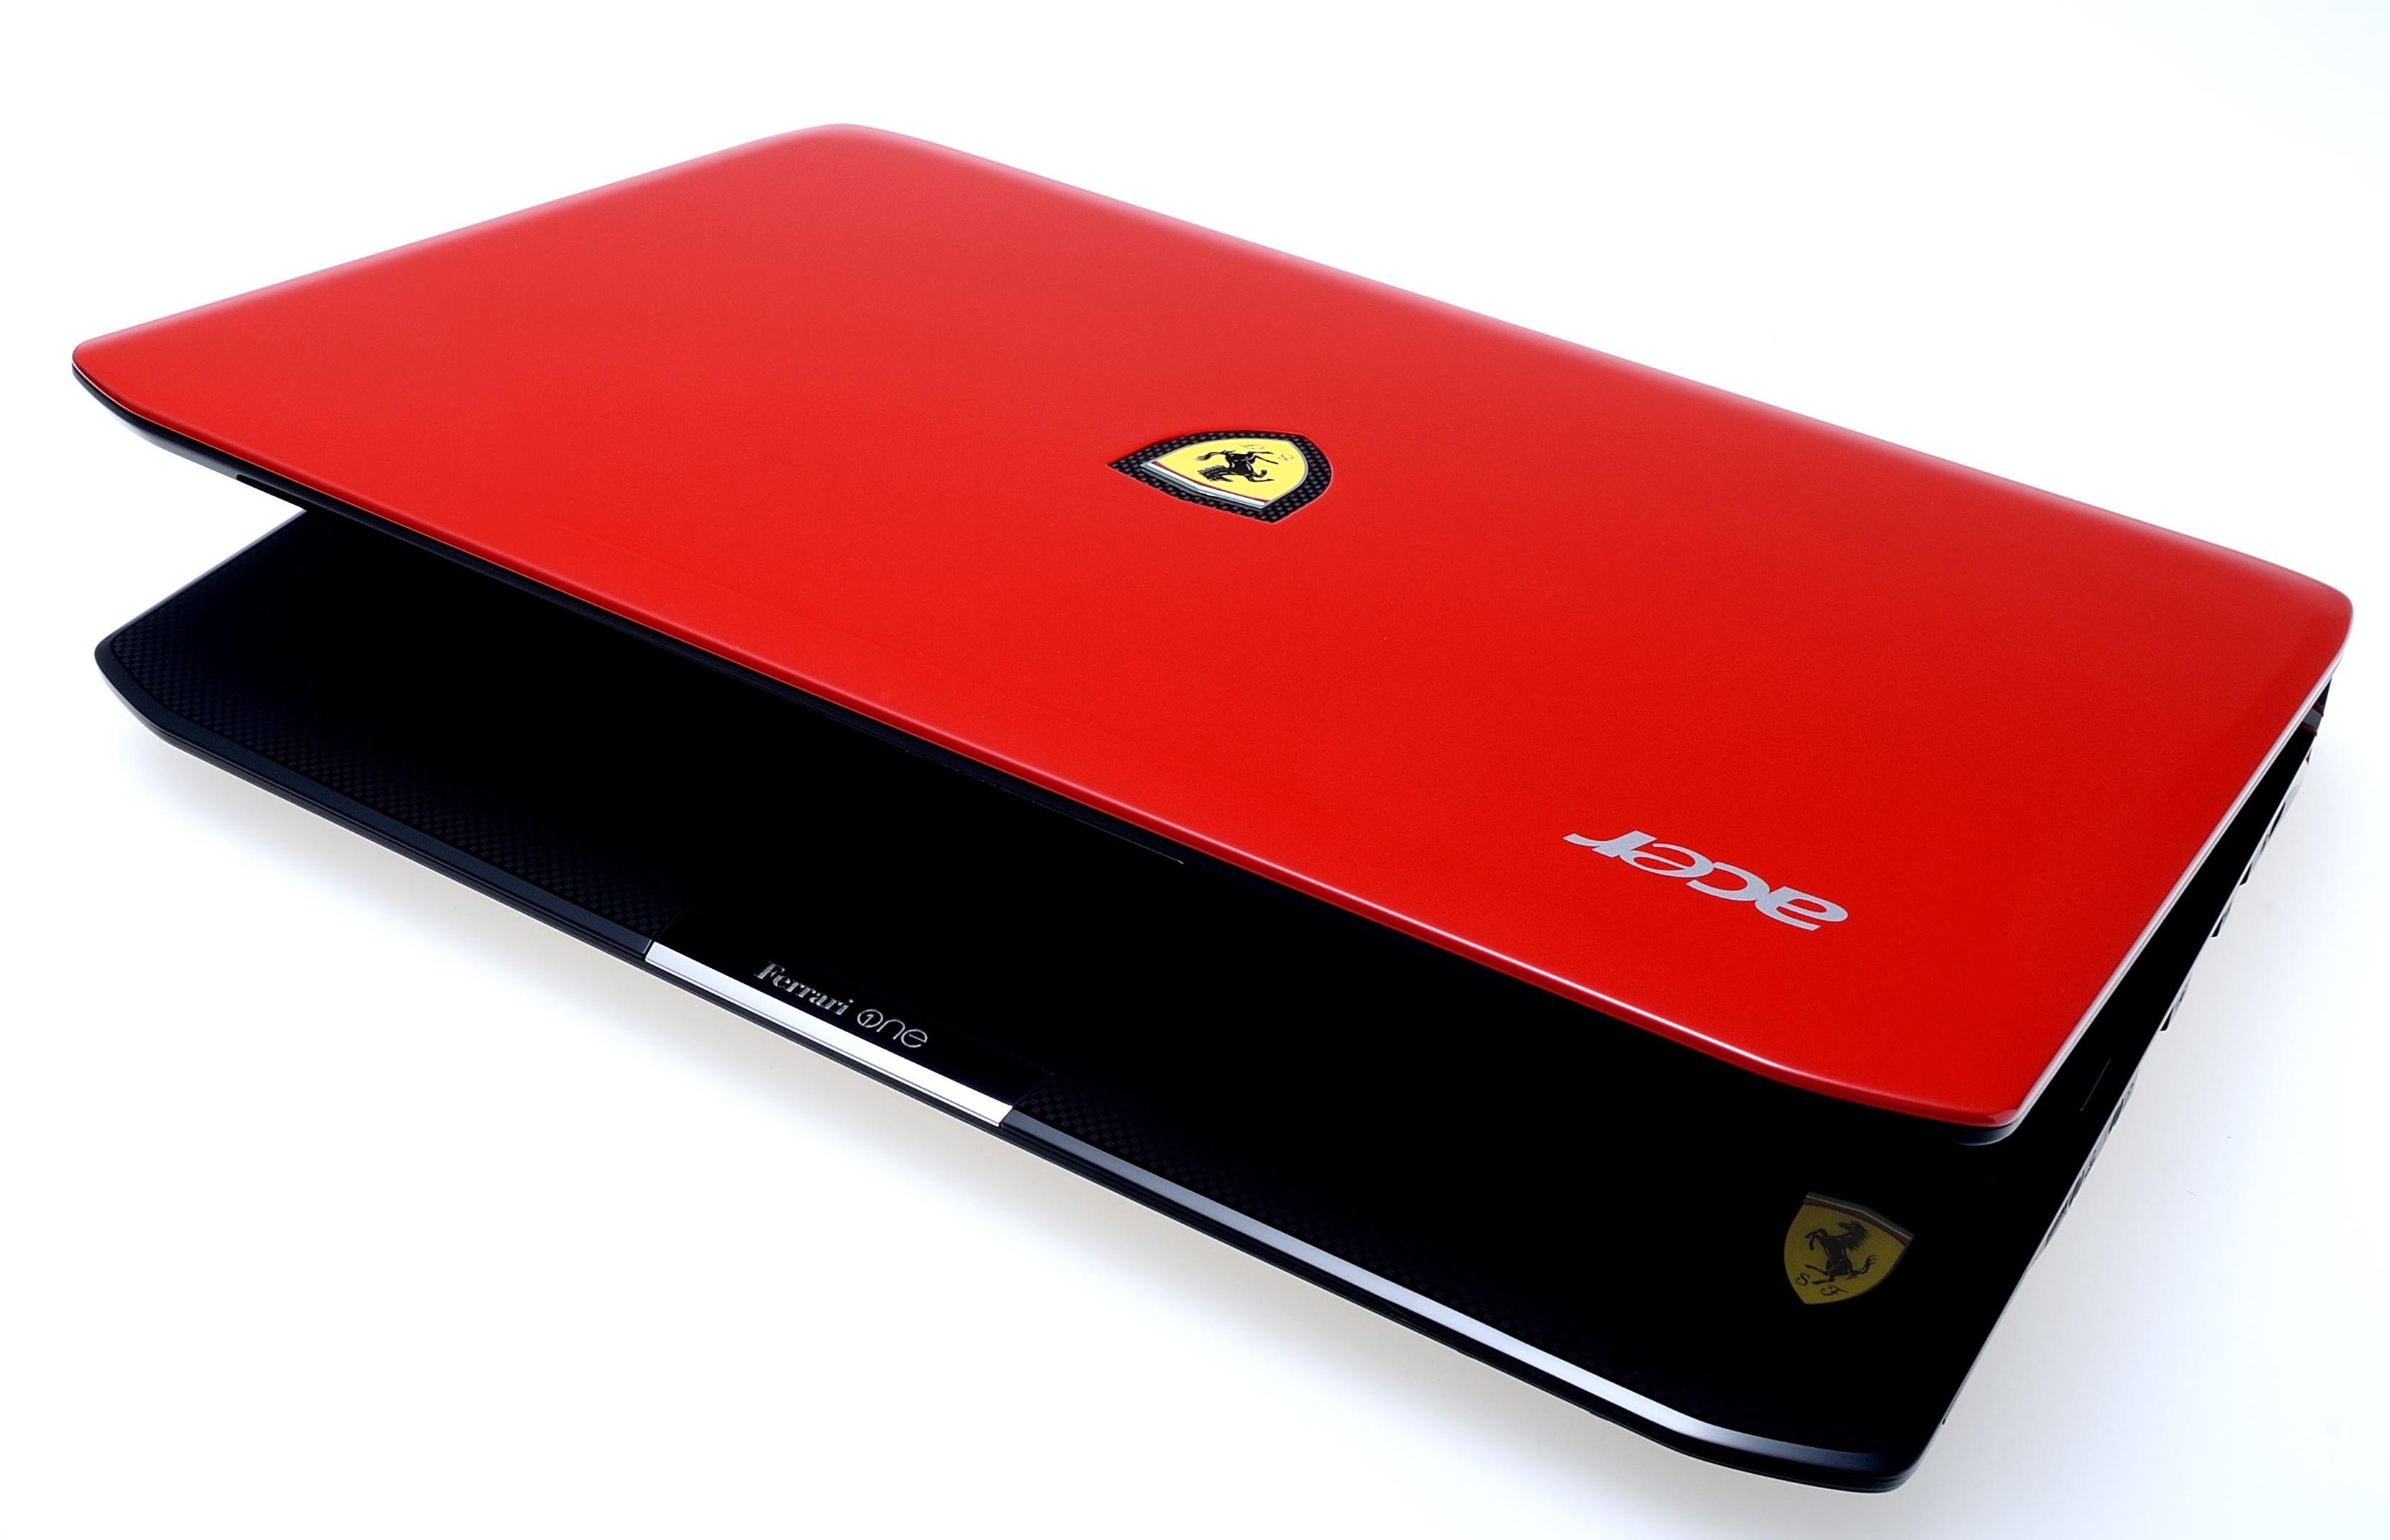 красный ноутбук, ferrari, фото, скачать